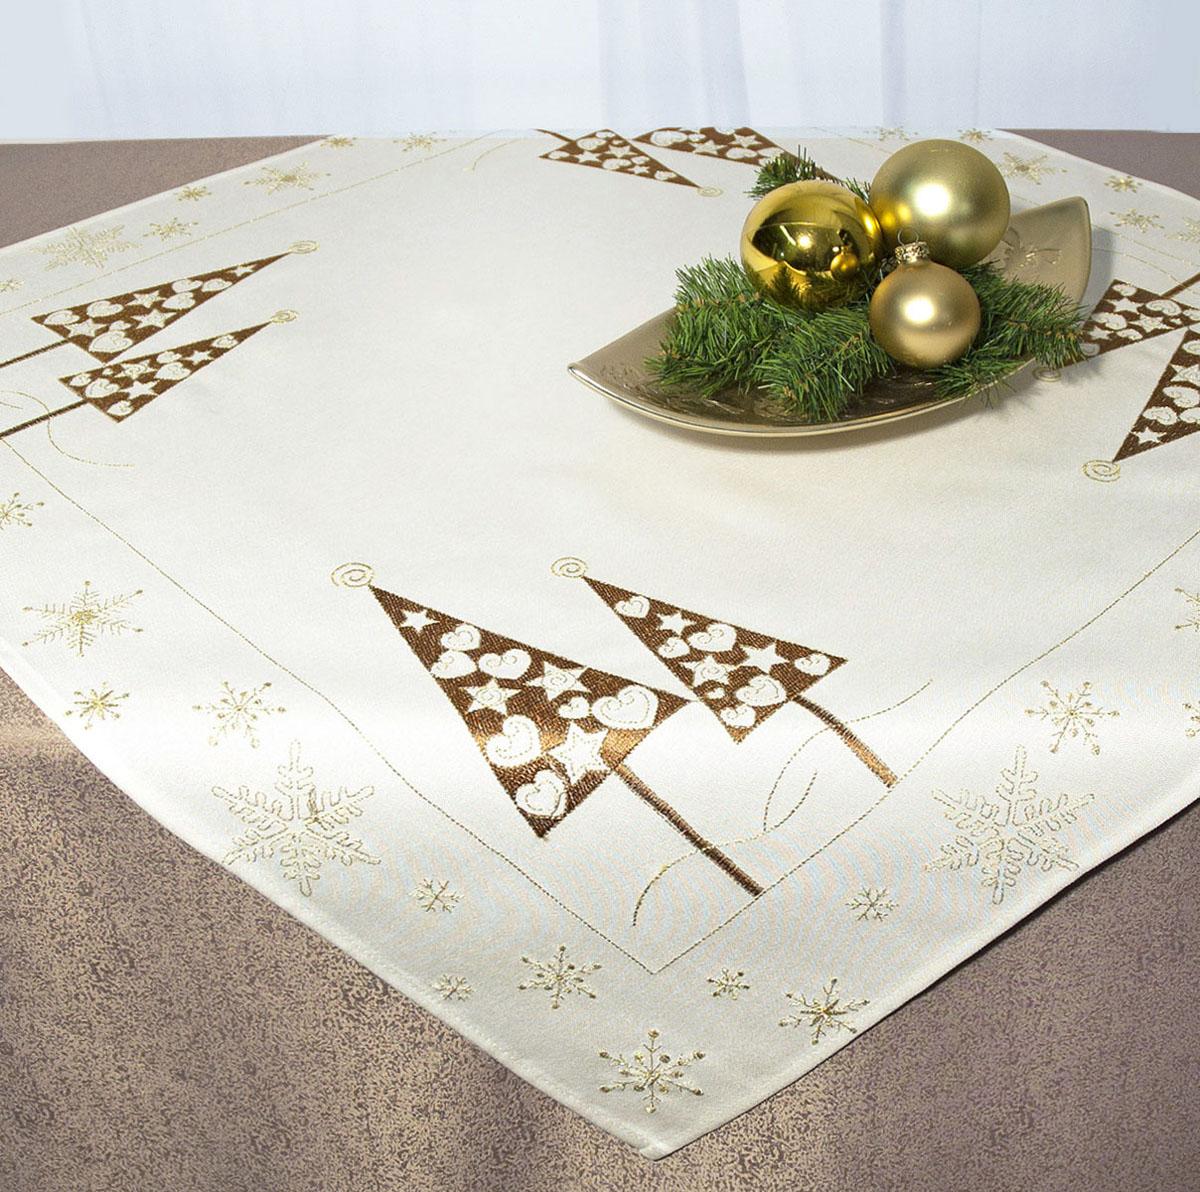 Скатерть Schaefer, квадратная, цвет: бежевый, золотистый, 85x 85 см. 07486-10007486-100Скатерть Schaefer изготовлена из полиэстера и украшена новогодней вышивкой.Изделия из полиэстера легко стирать: они не мнутся, не садятся и быстро сохнут, они более долговечны, чем изделия из натуральных волокон. Кроме того, ткань обладает водоотталкивающими свойствами. Такая скатерть будет просто не заменима на кухне, а особенно на вашем обеденном столе на даче под открытым небом. Скатерть Schaefer не останется без внимания ваших гостей, а вас будет ежедневно радовать ярким дизайном и несравненным качеством.Немецкая компания Schaefer создана в 1921 году. На протяжении всего времени существования она создает уникальные коллекции домашнего текстиля для гостиных, спален, кухонь и ванных комнат. Дизайнерские идеи немецких художников компании Schaefer воплощаются в текстильных изделиях, которые сделают ваш дом красивее и уютнее и не останутся незамеченными вашими гостями. Дарите себе и близким красоту каждый день! Изысканный текстиль от немецкой компании Schaefer - это красота, стиль и уют в вашем доме.